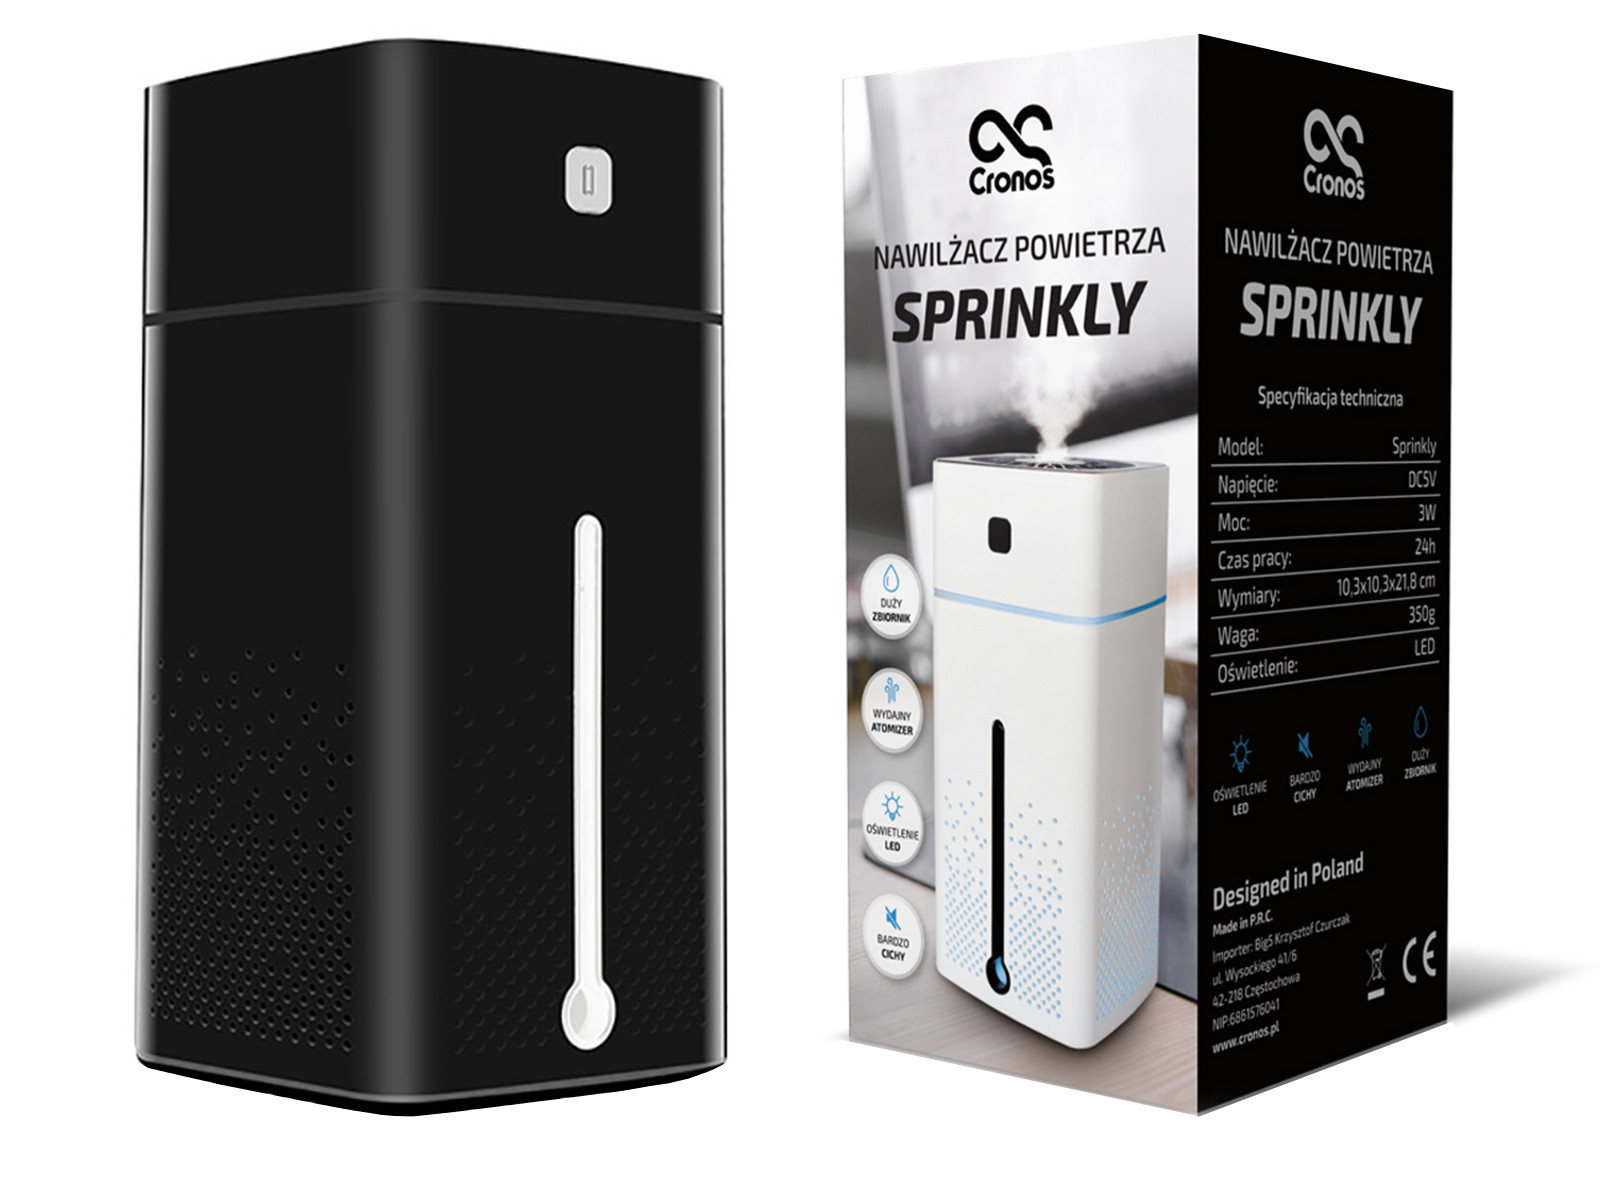 Czarny nawilżacz powietrza Sprinkly i oryginalne opakowanie